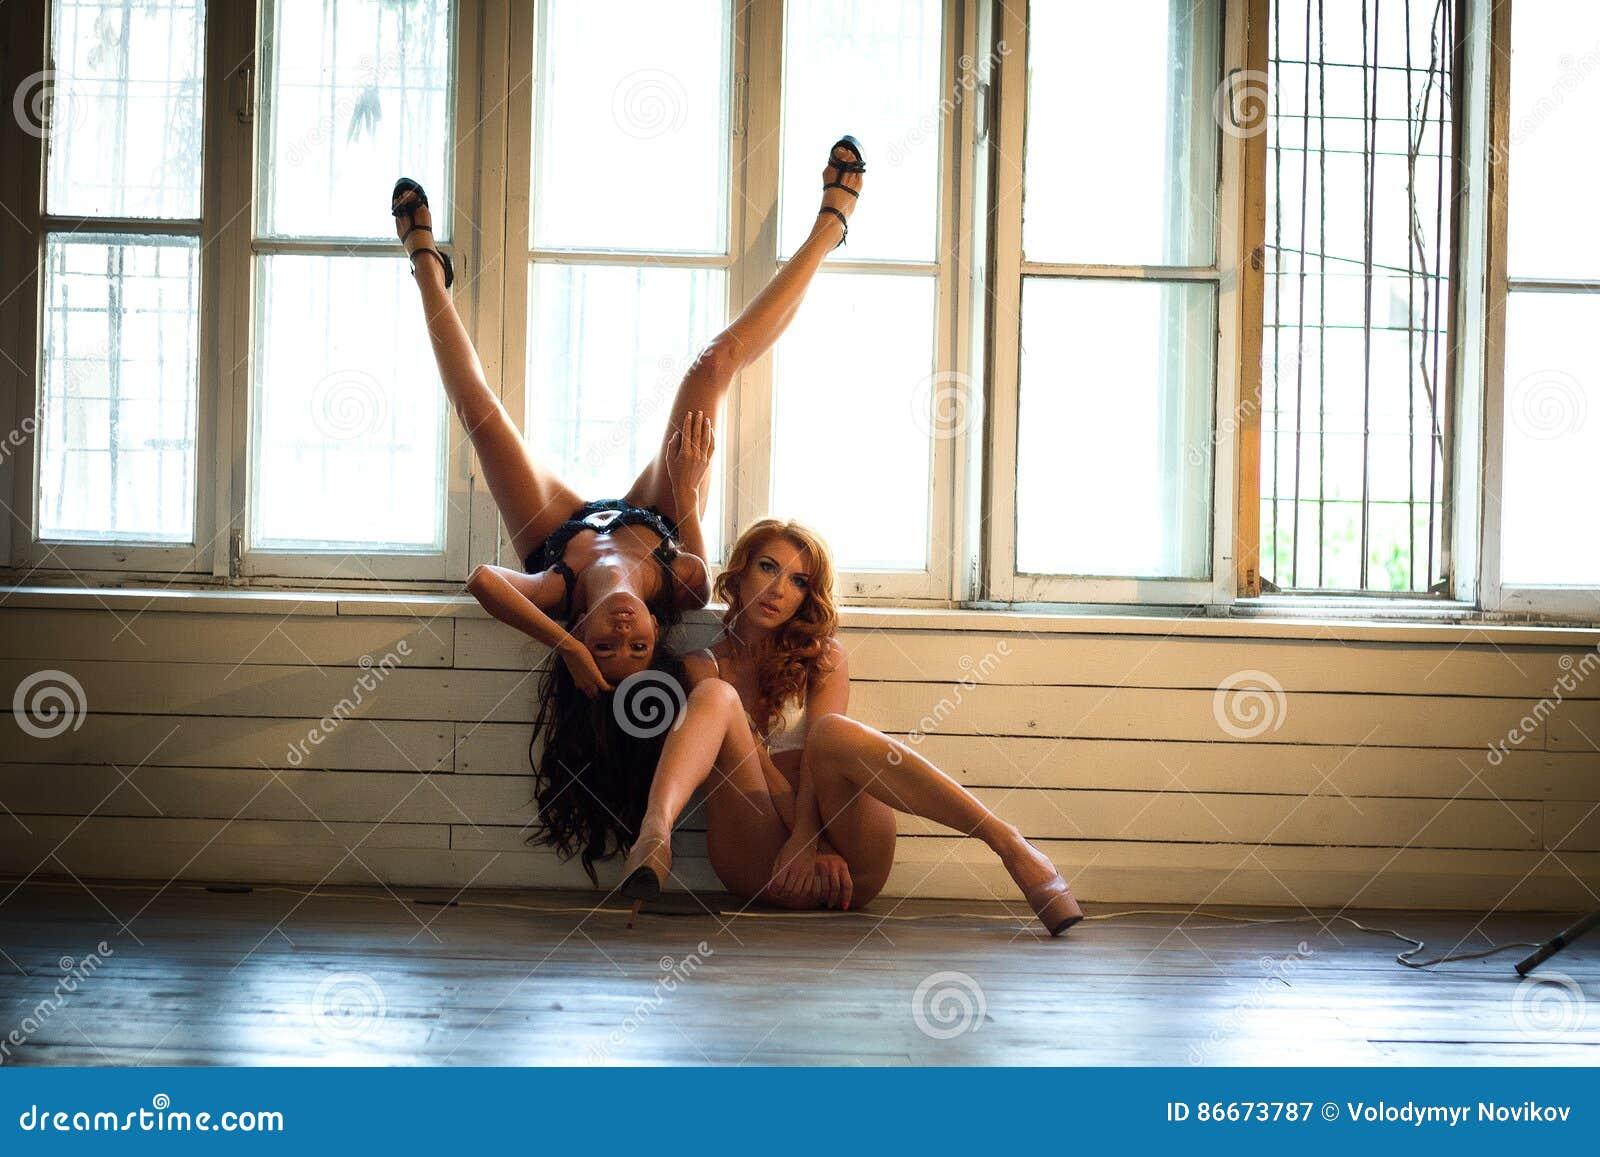 Γυμνή κορίτσια εικόνες com υγρό Ebony λεσβιακό μουνί